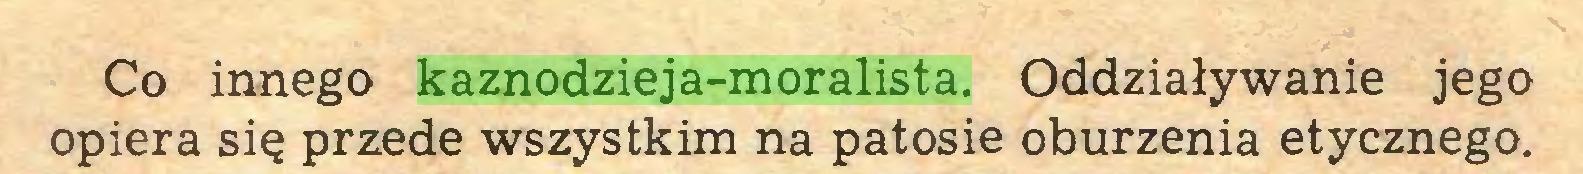 (...) Co innego kaznodzieja-moralista. Oddziaływanie jego opiera się przede wszystkim na patosie oburzenia etycznego...